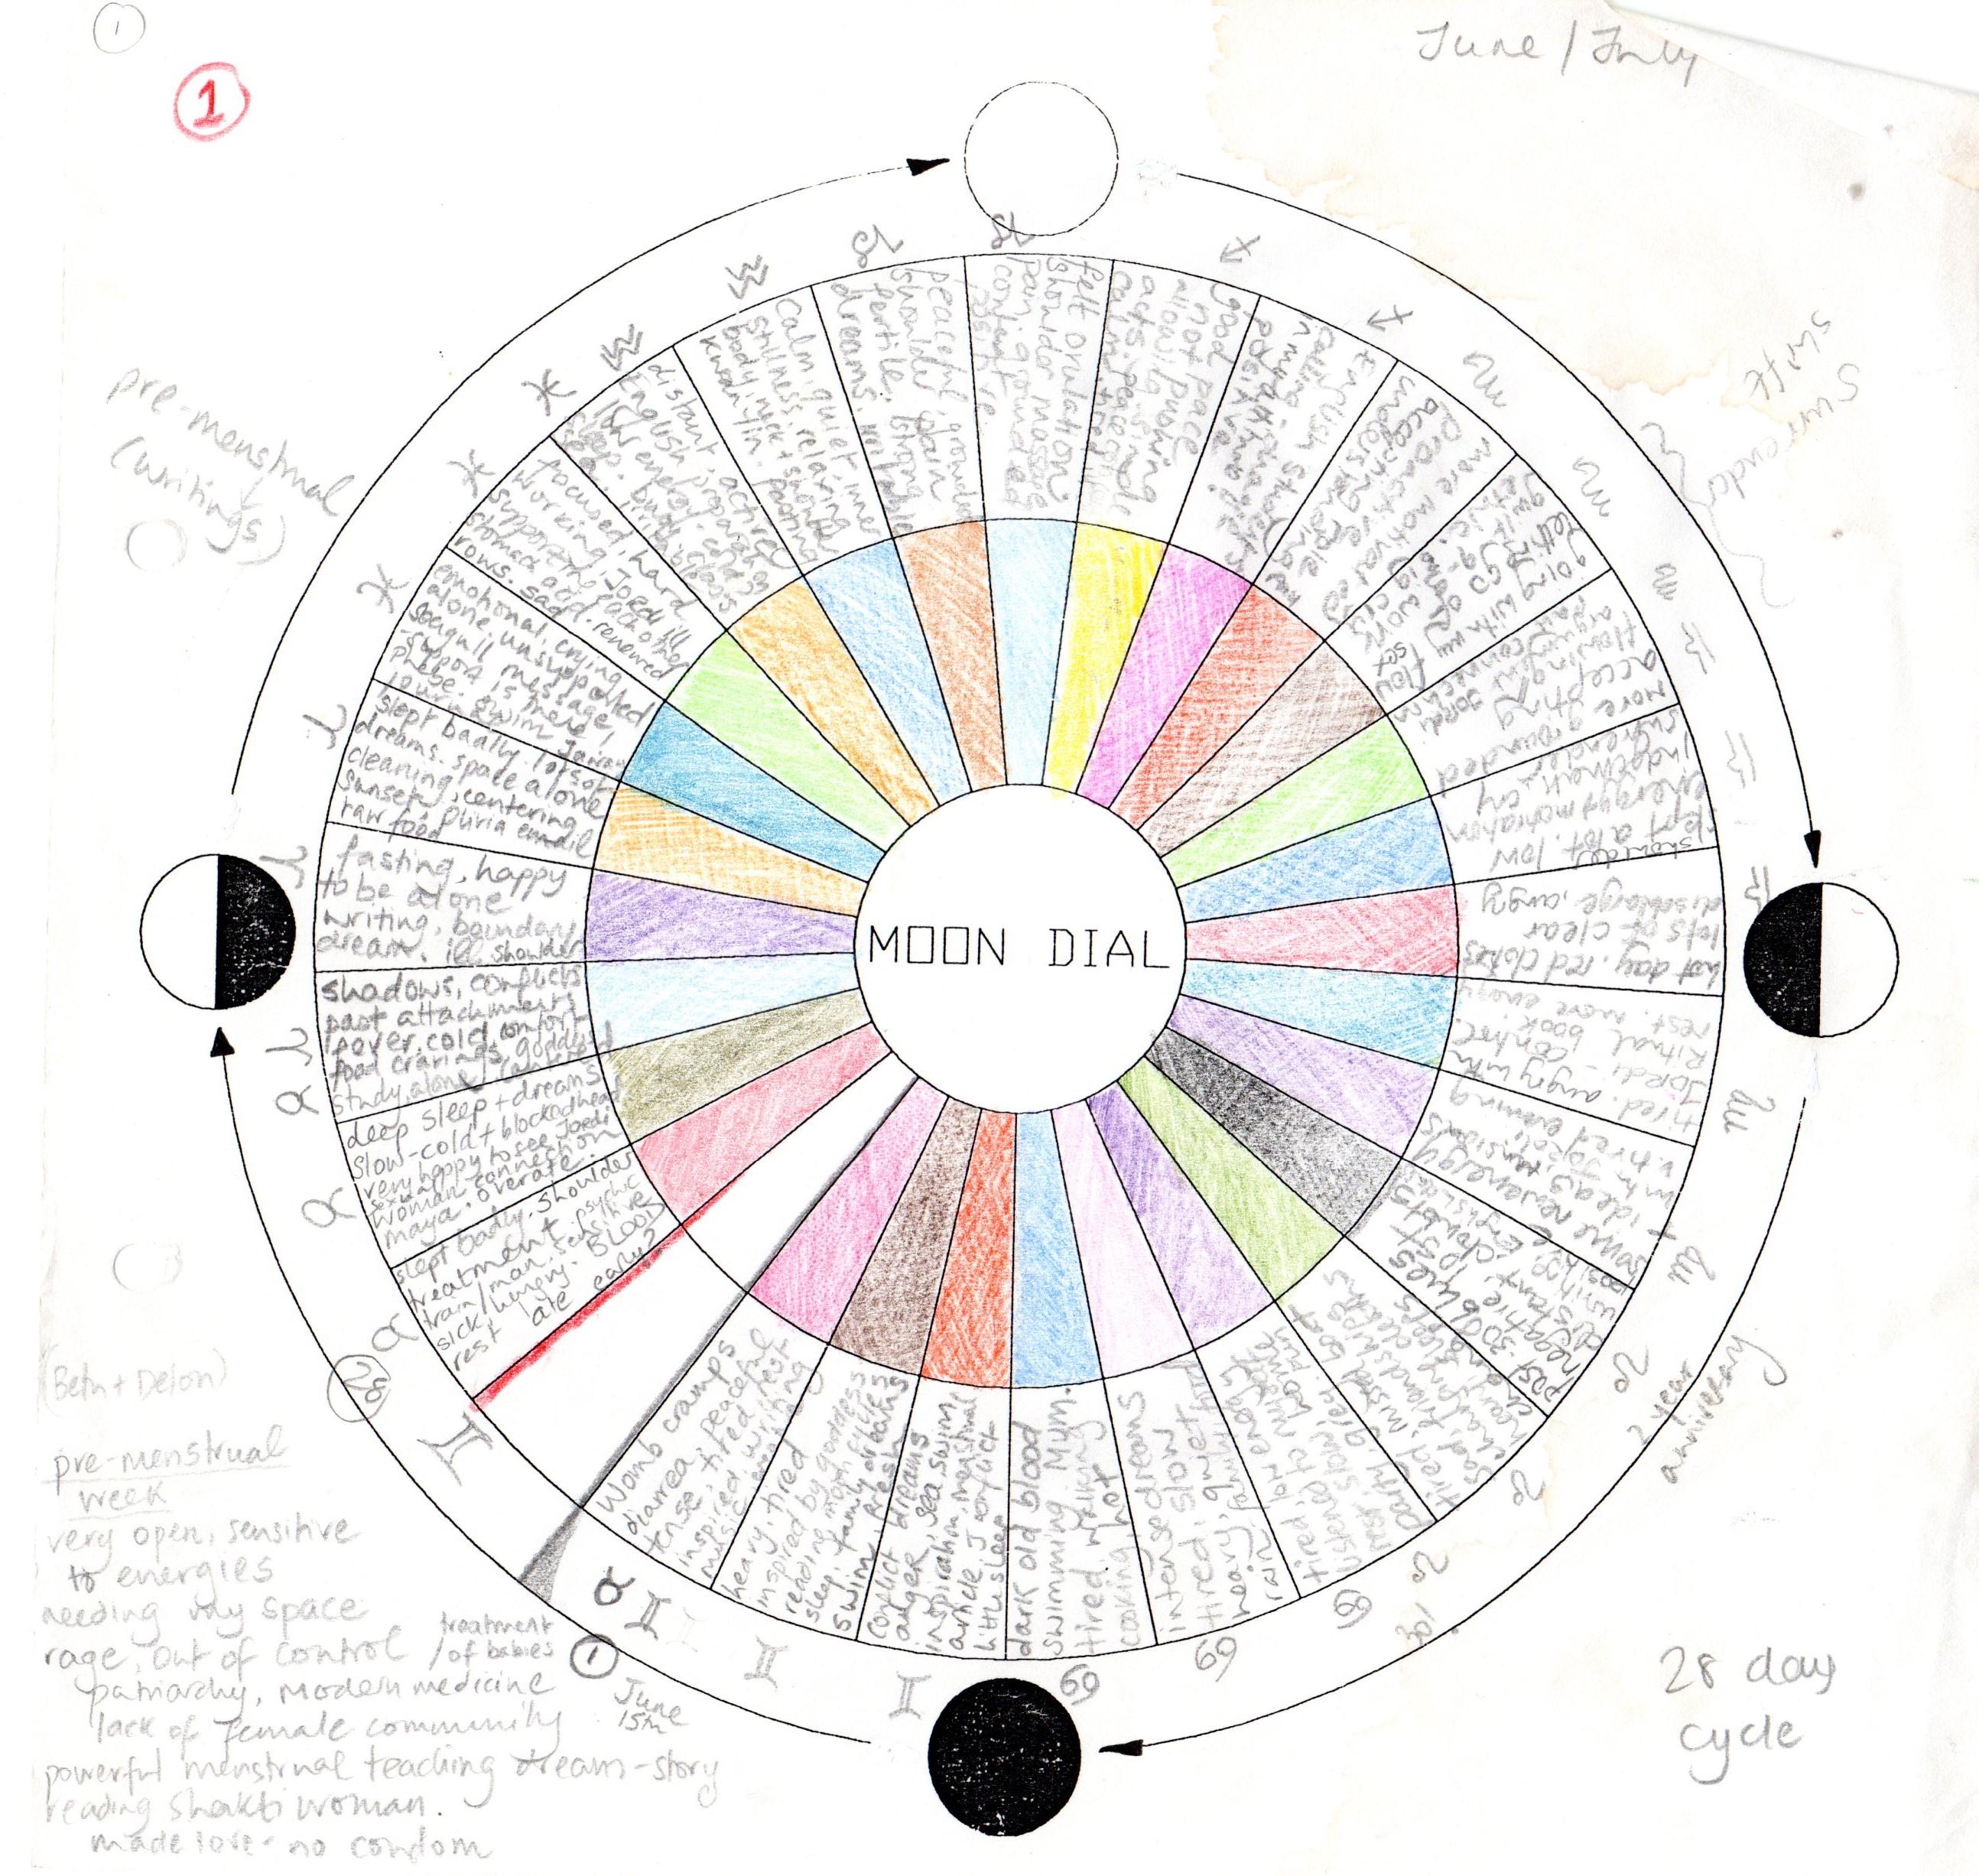 Diagrama Lunar para descargar - Mujer Cíclica